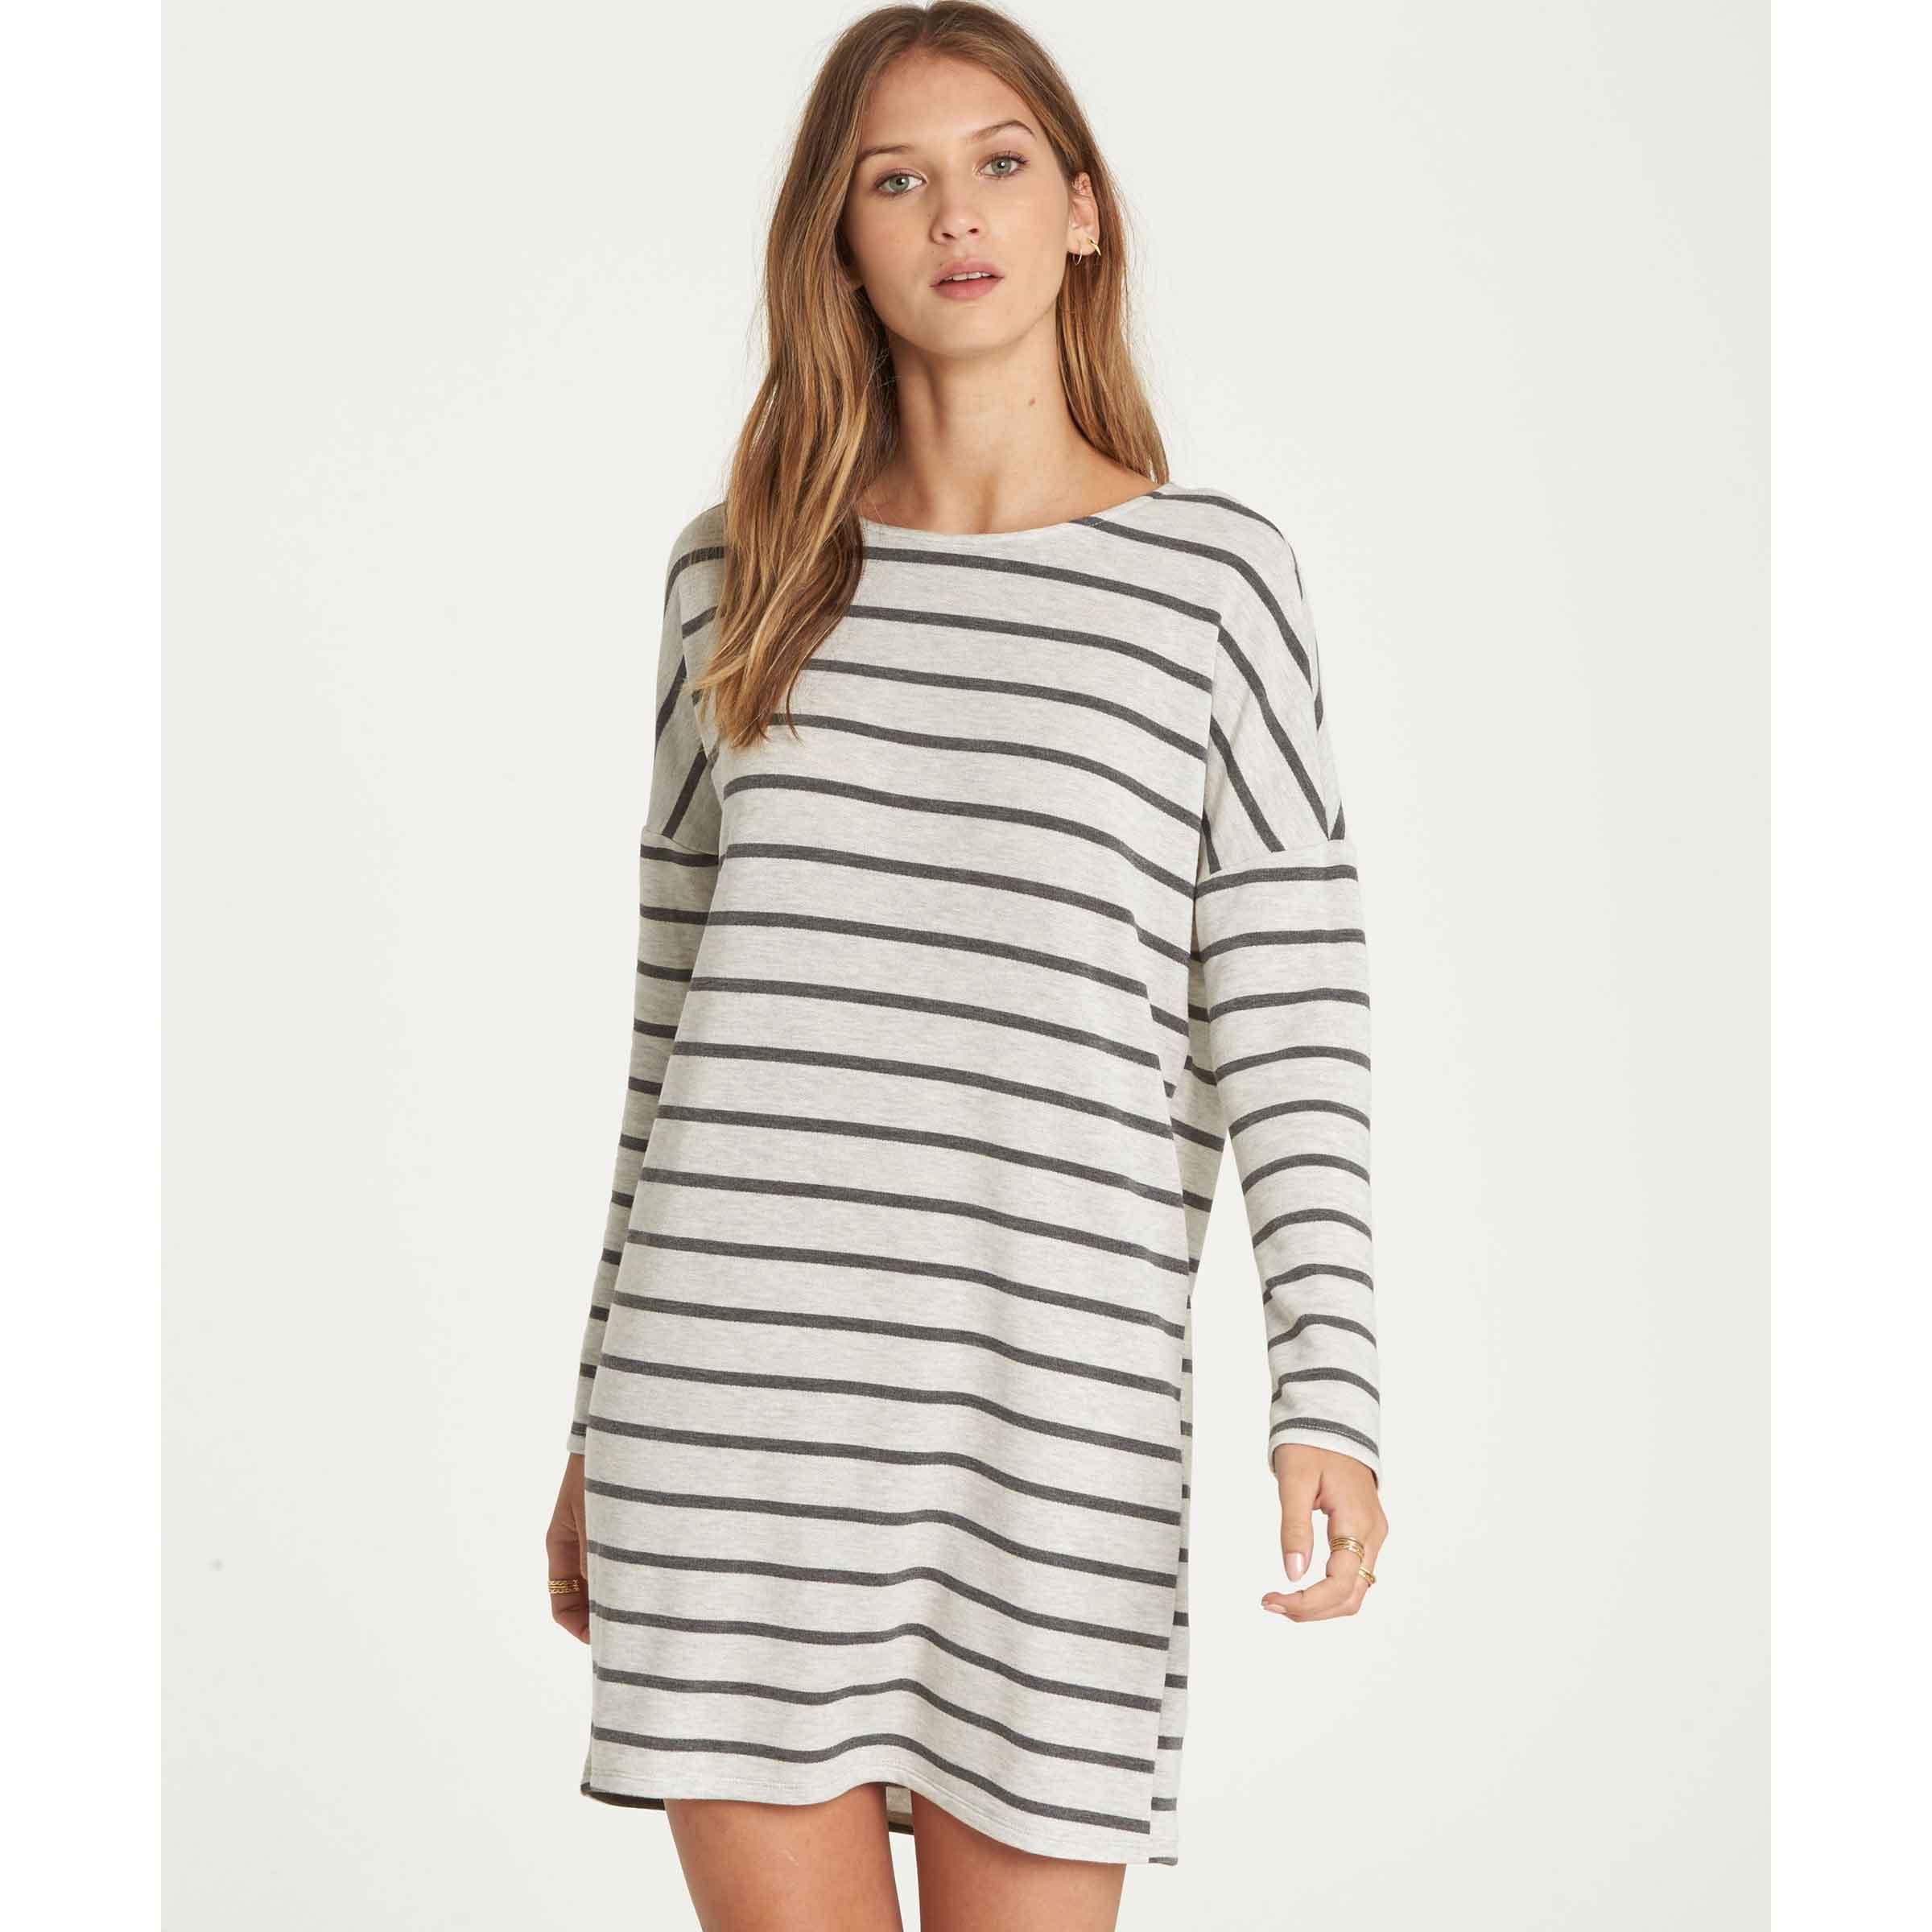 2c04091e74838 Billabong Simply Put Long Sleeve T-Shirt Dress - Womens, Up to 41 ...